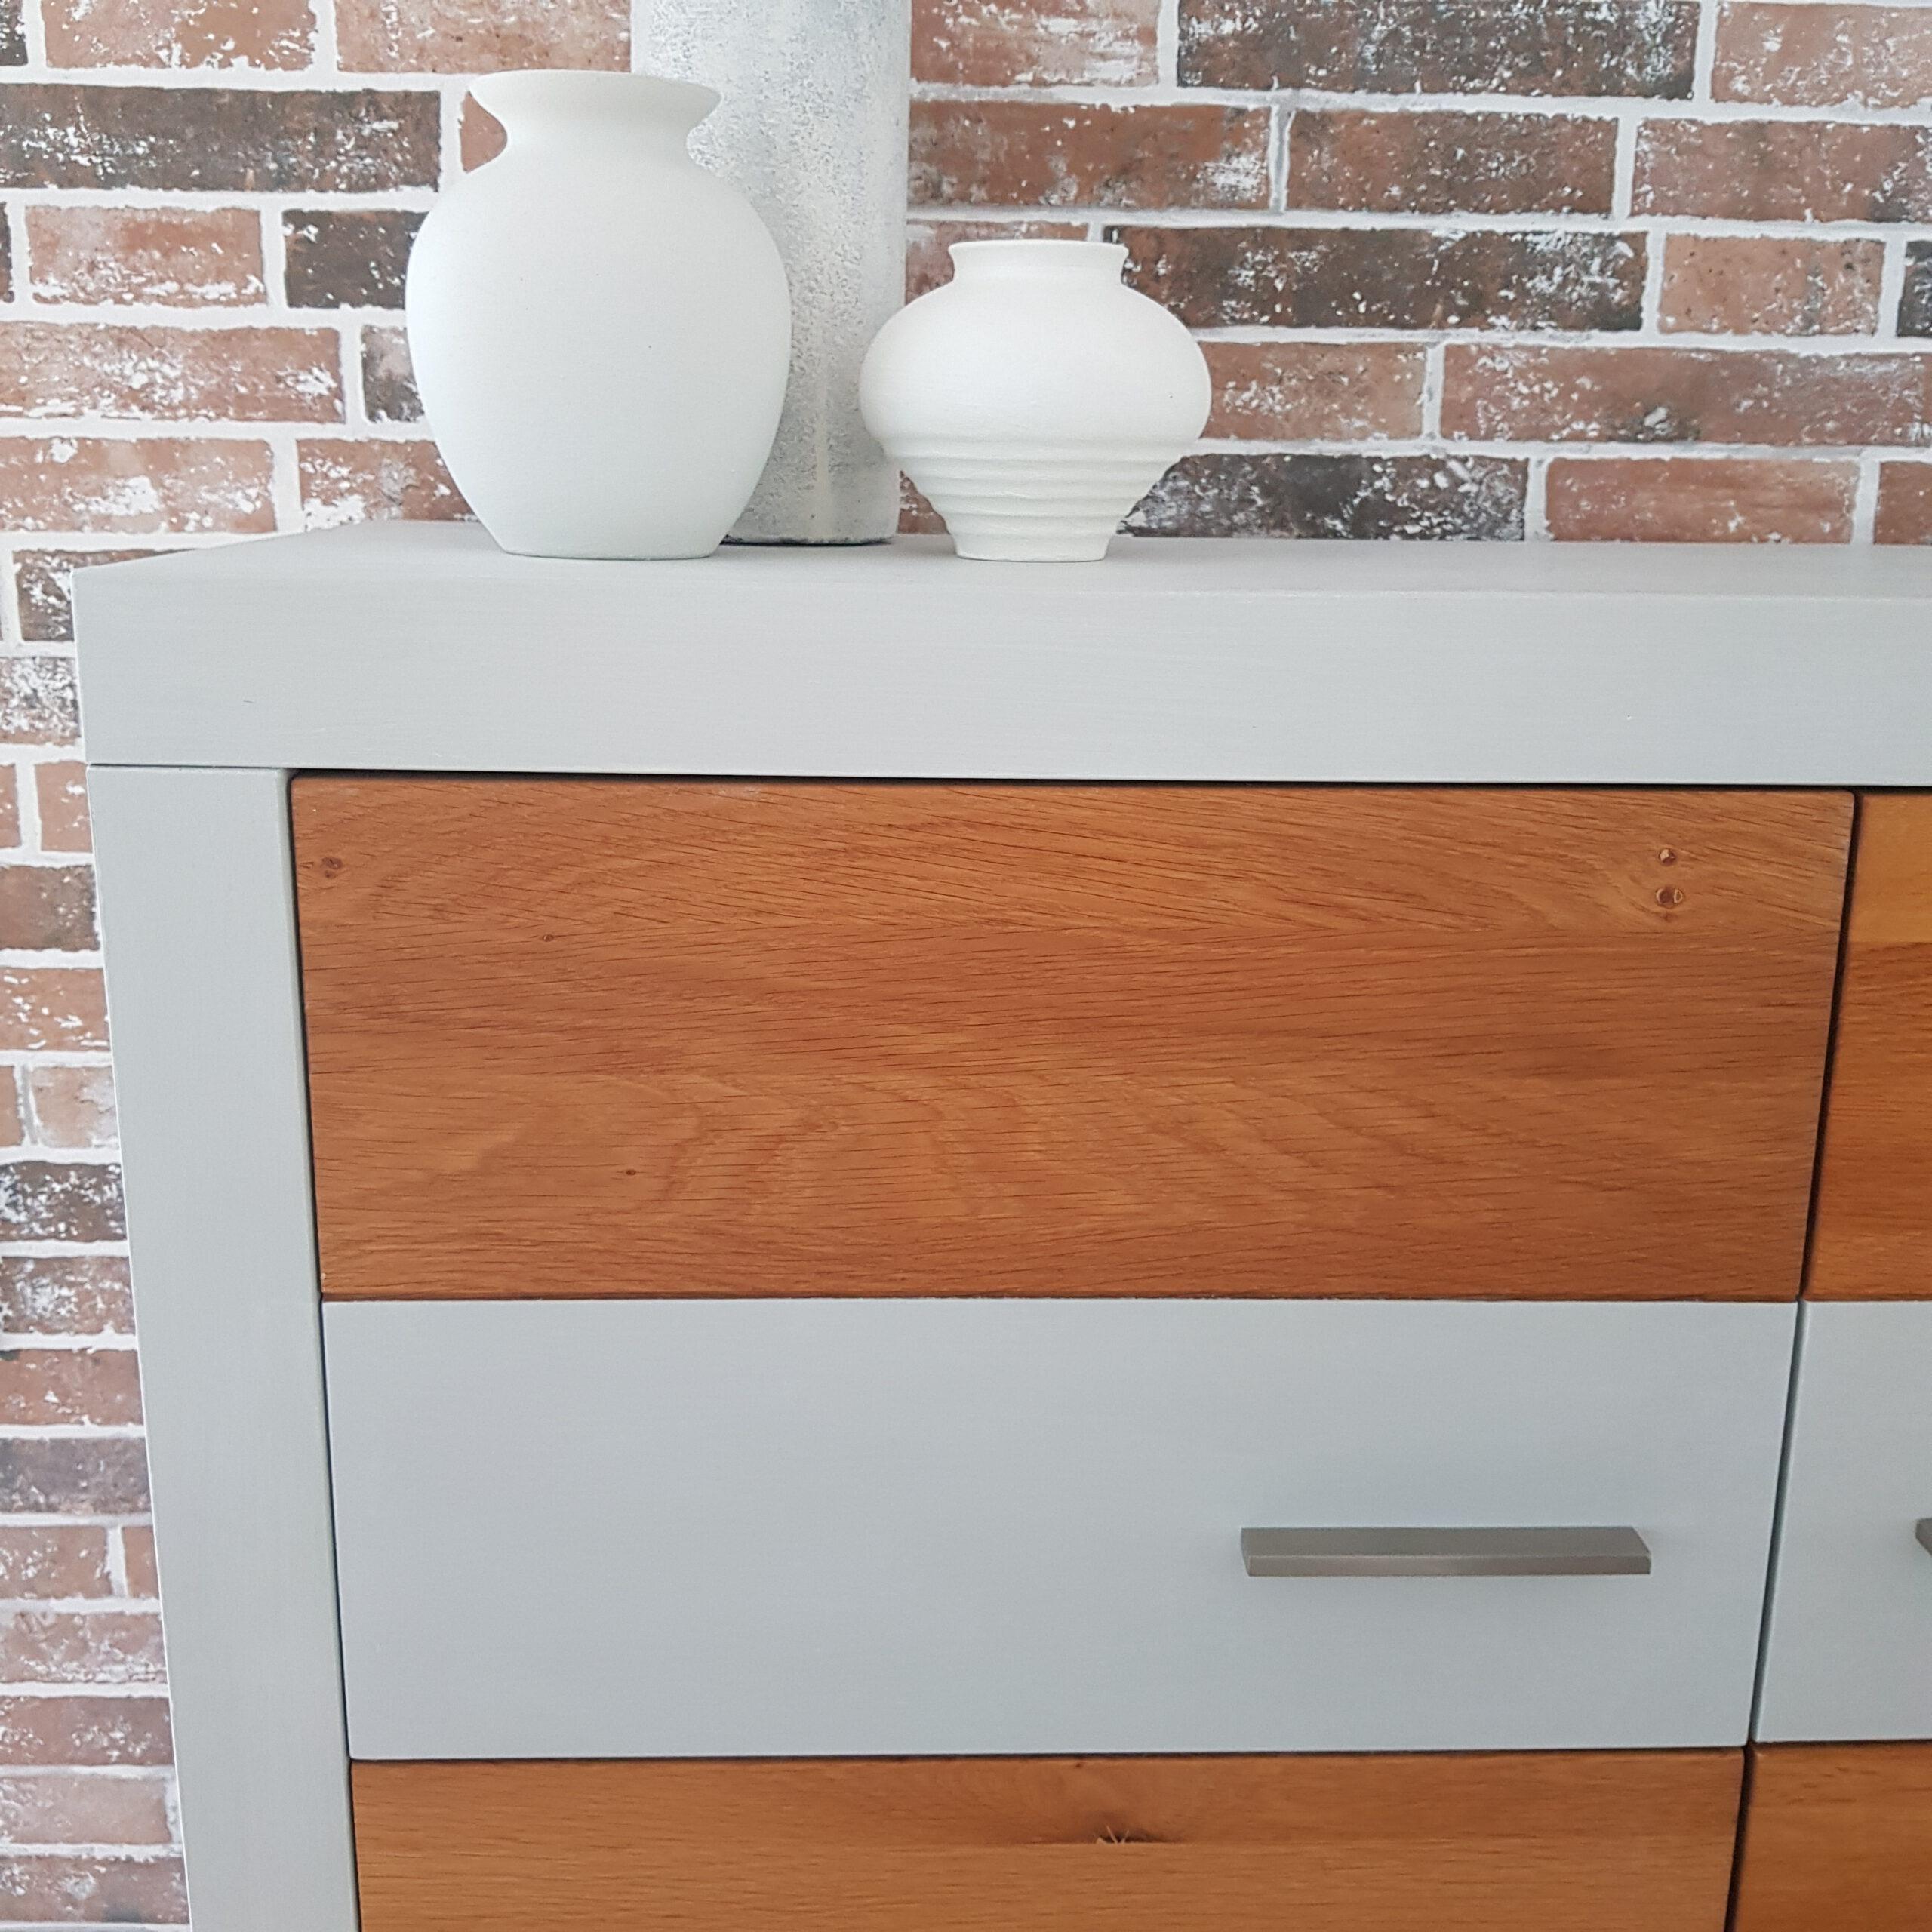 diy-möbel-streichen-kreidefarbe-kalken-white wash-beizen-kreativstattandrea-gerbsäure-wilde eiche-ucycling-naturholz-10